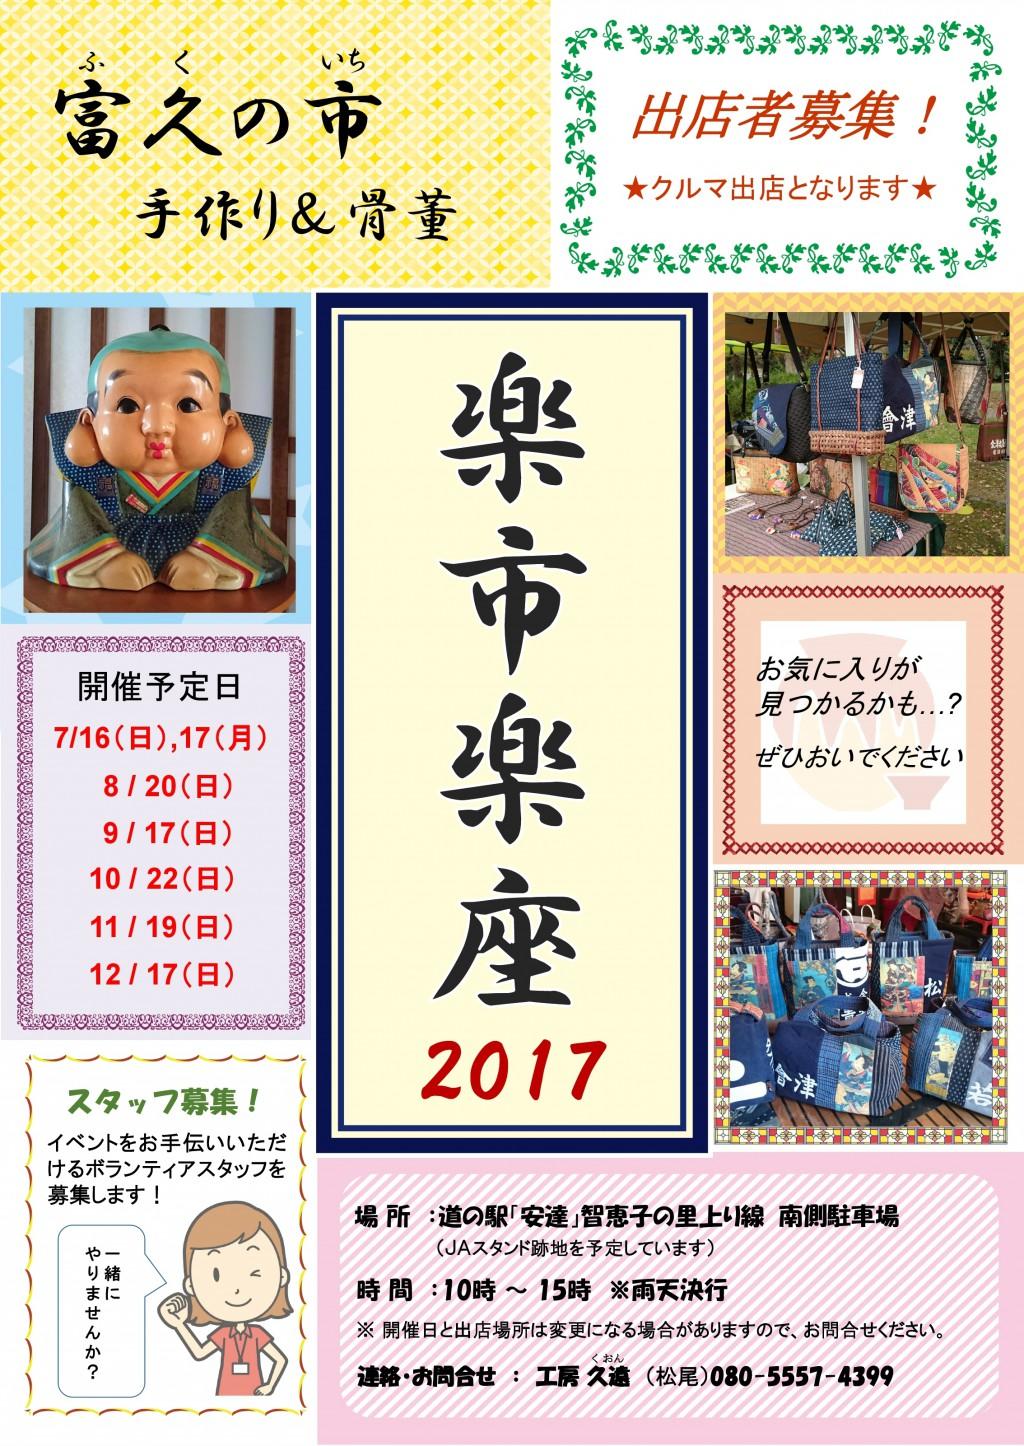 楽市楽座2017 修正版.pdf_page_1